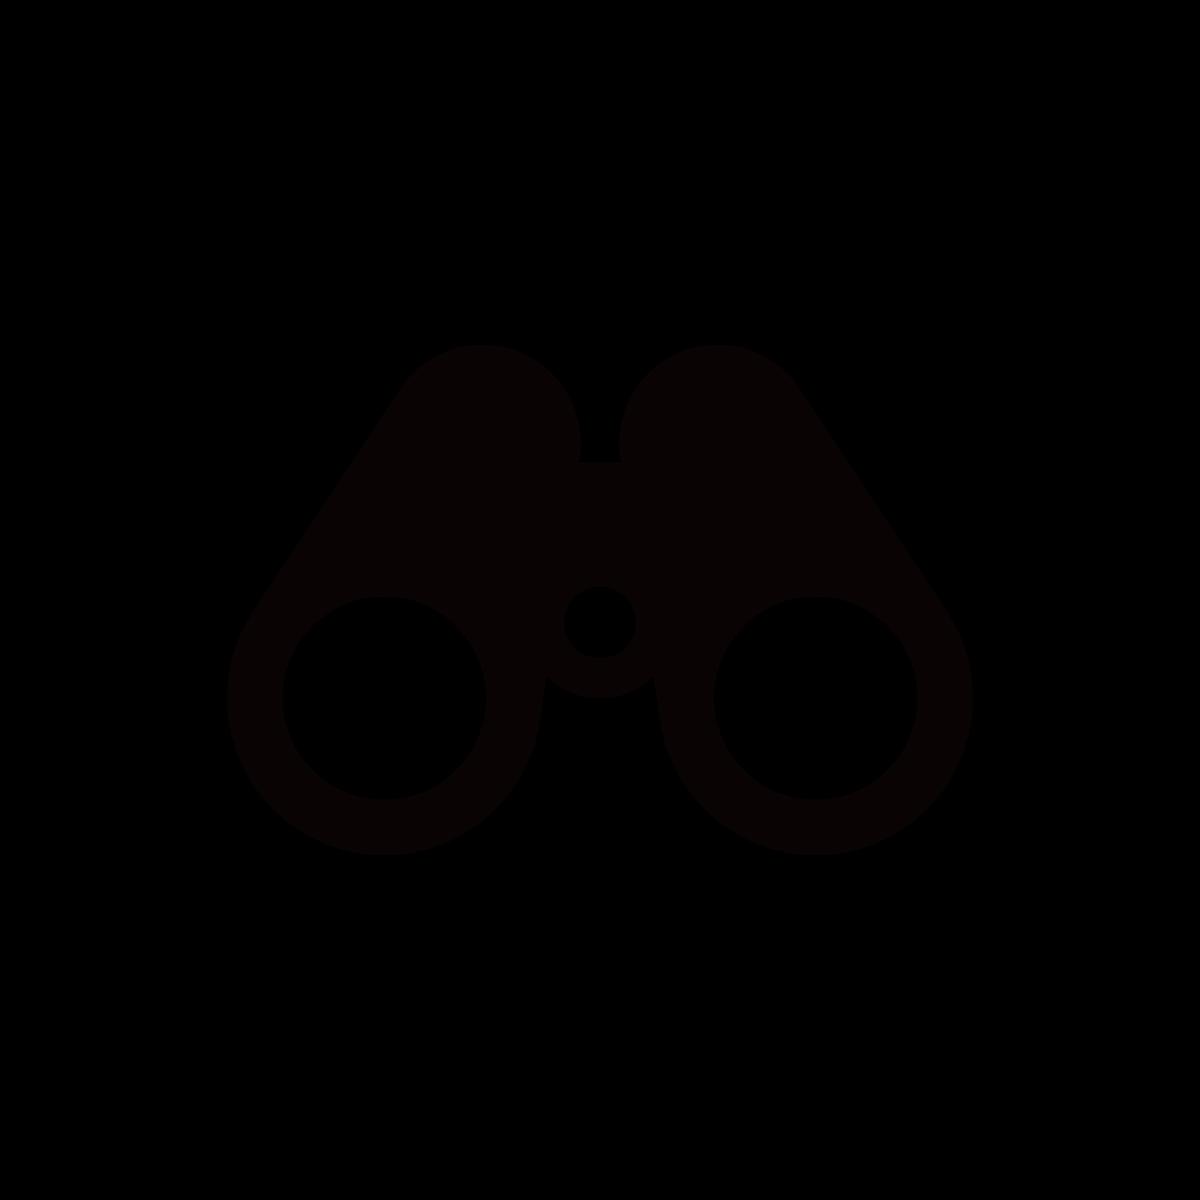 noun_binocular_716214